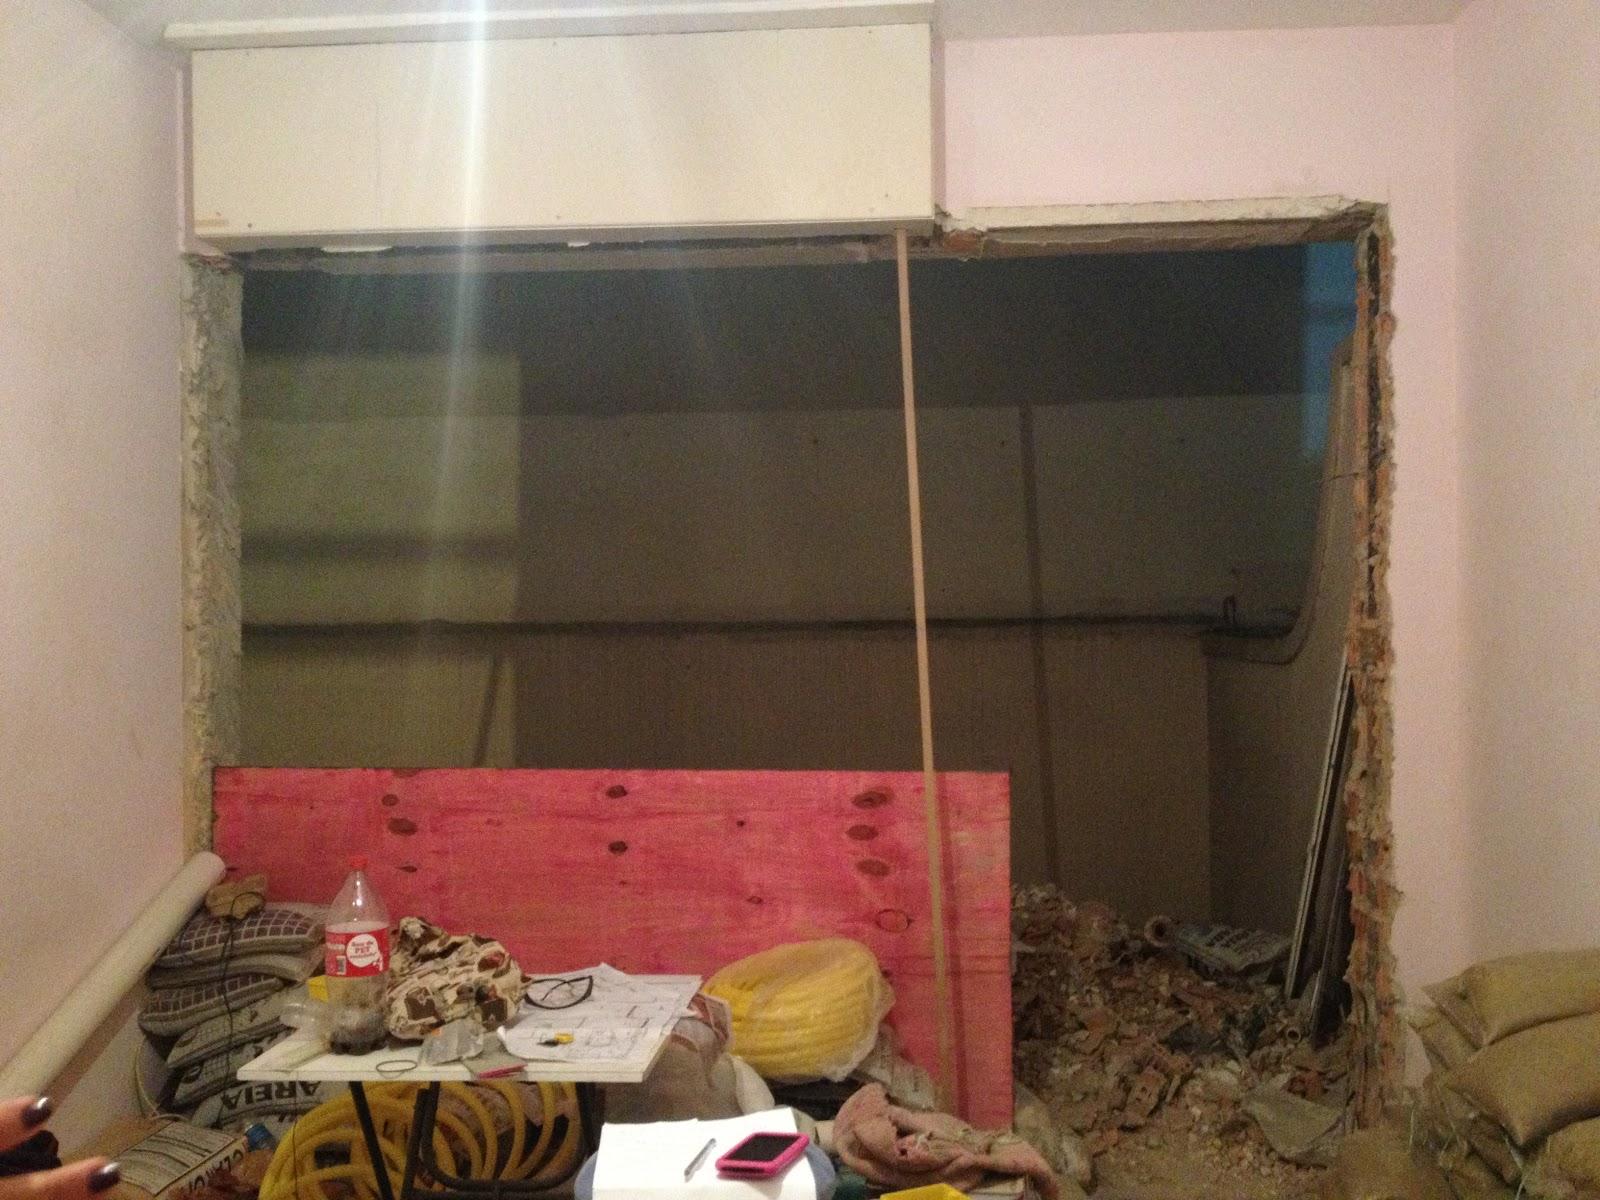 parede da sala pra área sem parede vai entrar uma porta de vidro  #946437 1600 1200